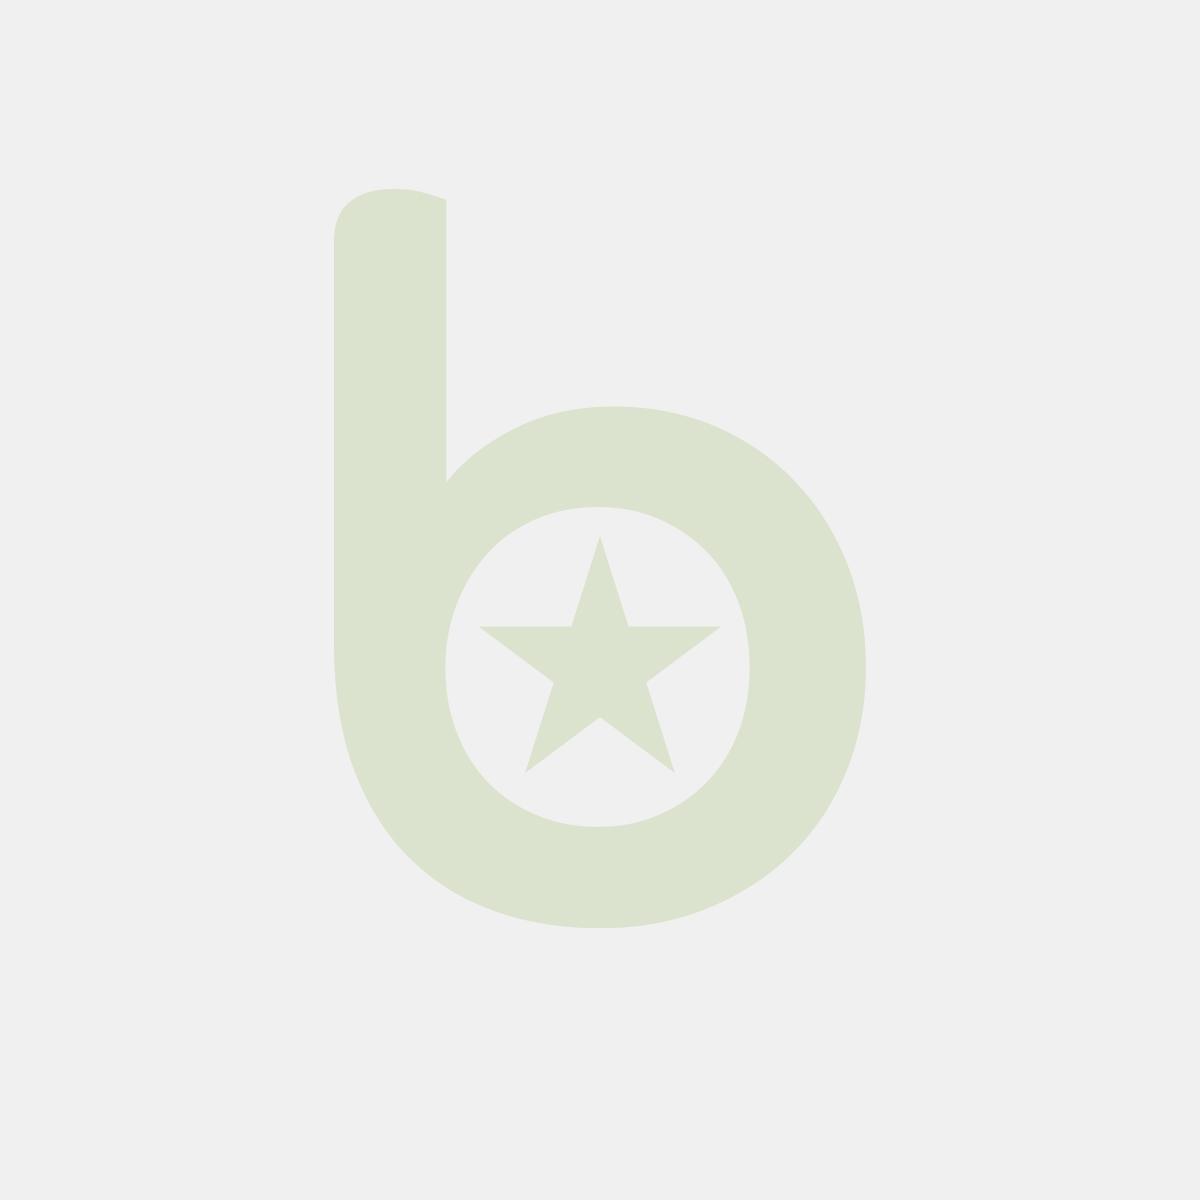 Pucharek FINGERFOOD czarny,szer/dł/wys: 5,7/5,8/5,7 cm PS, 25 szt. w opakowaniu